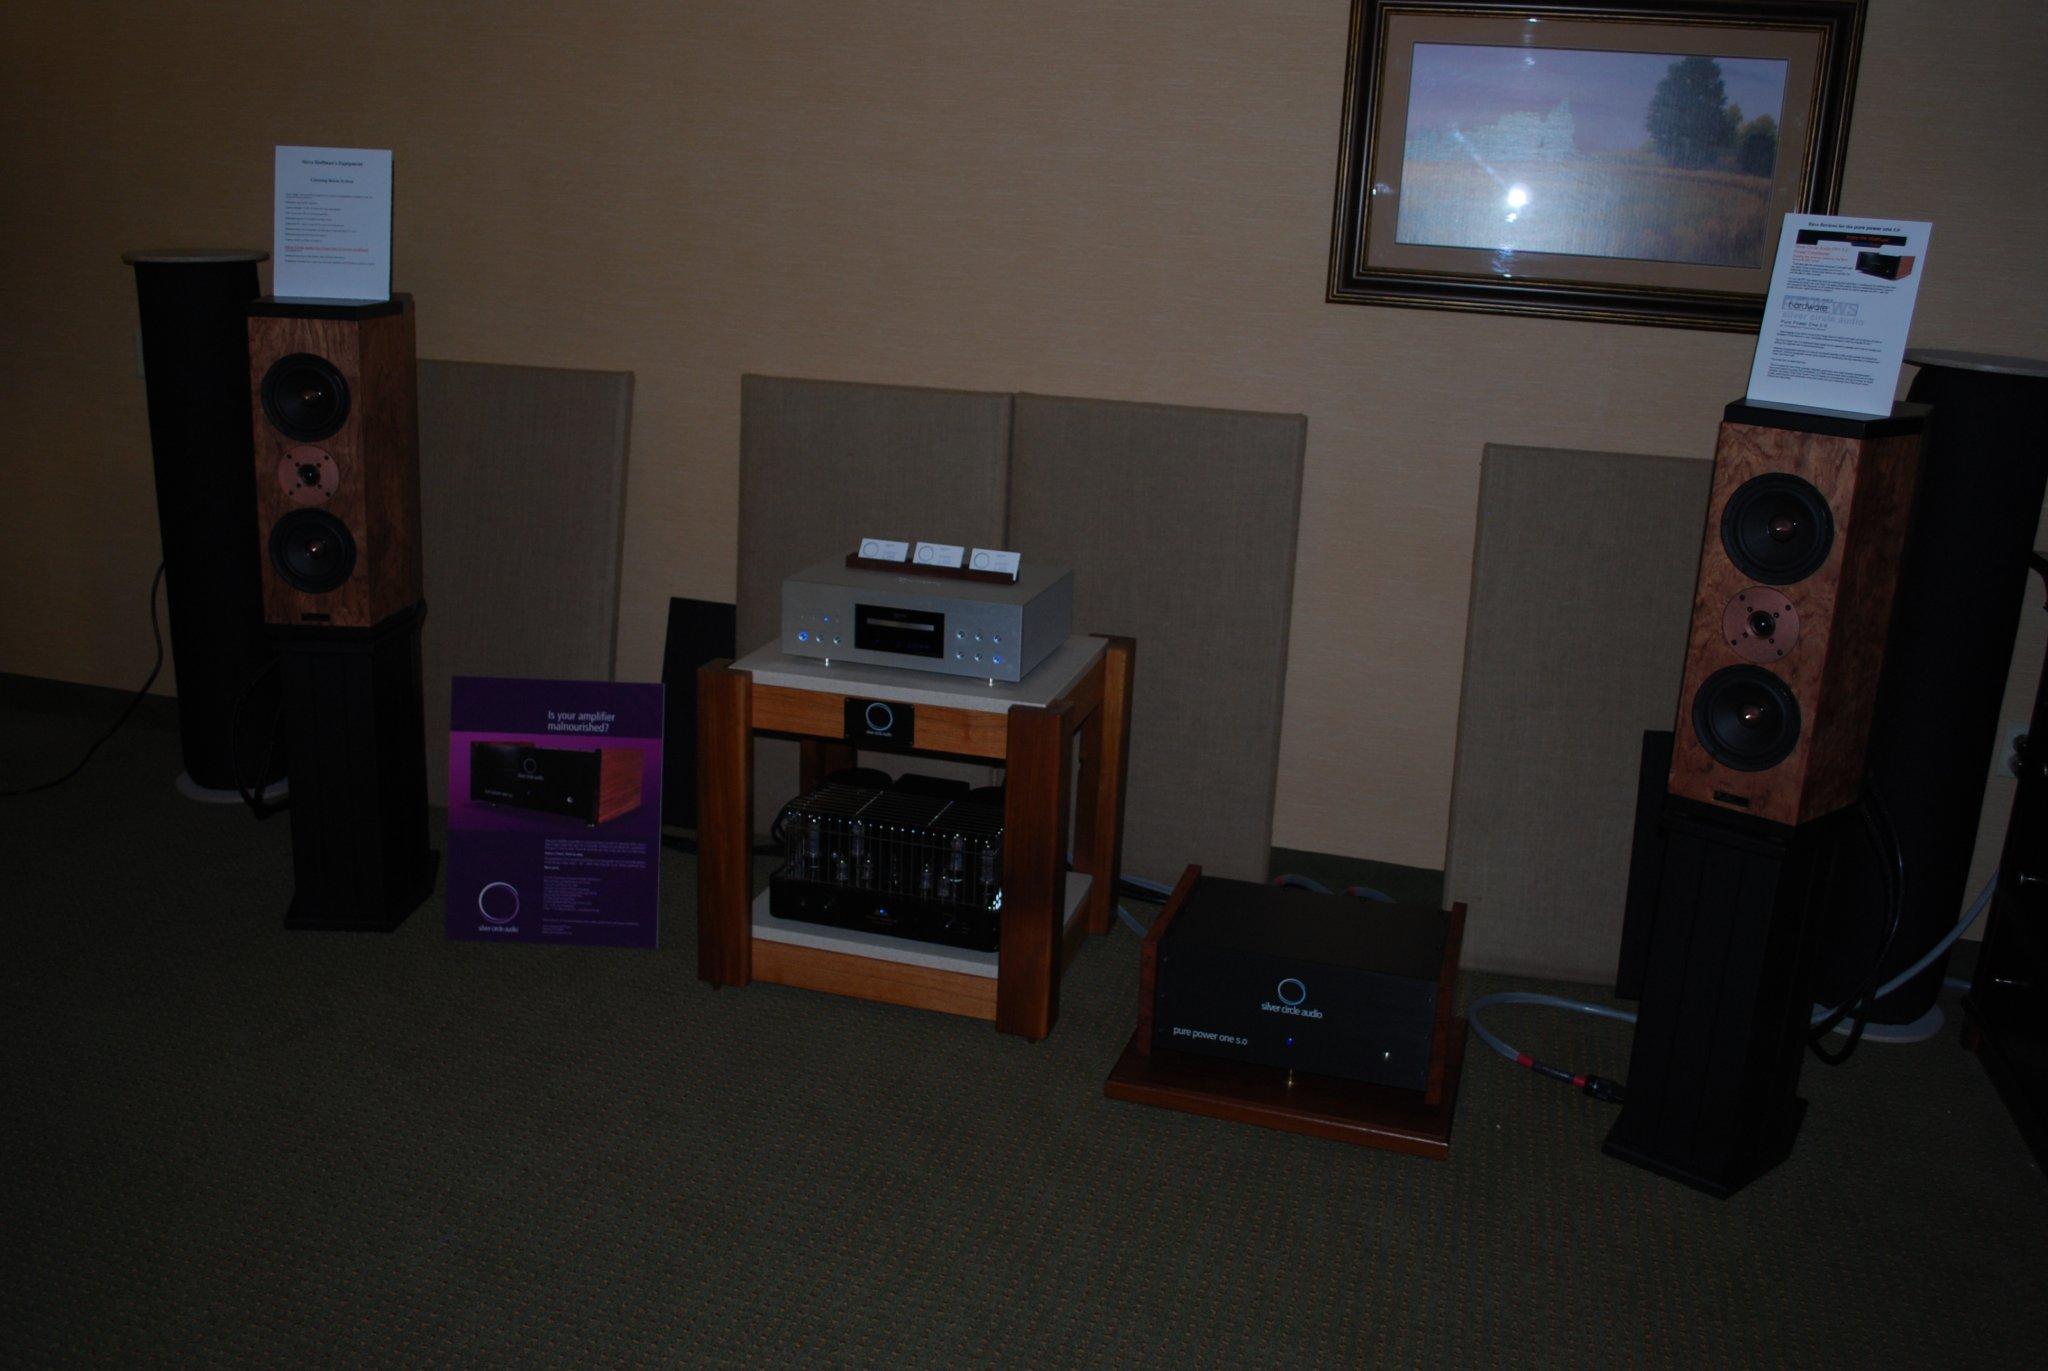 http://lonestaraudiofest.com/2010/Photos/Dsc_0067.jpg